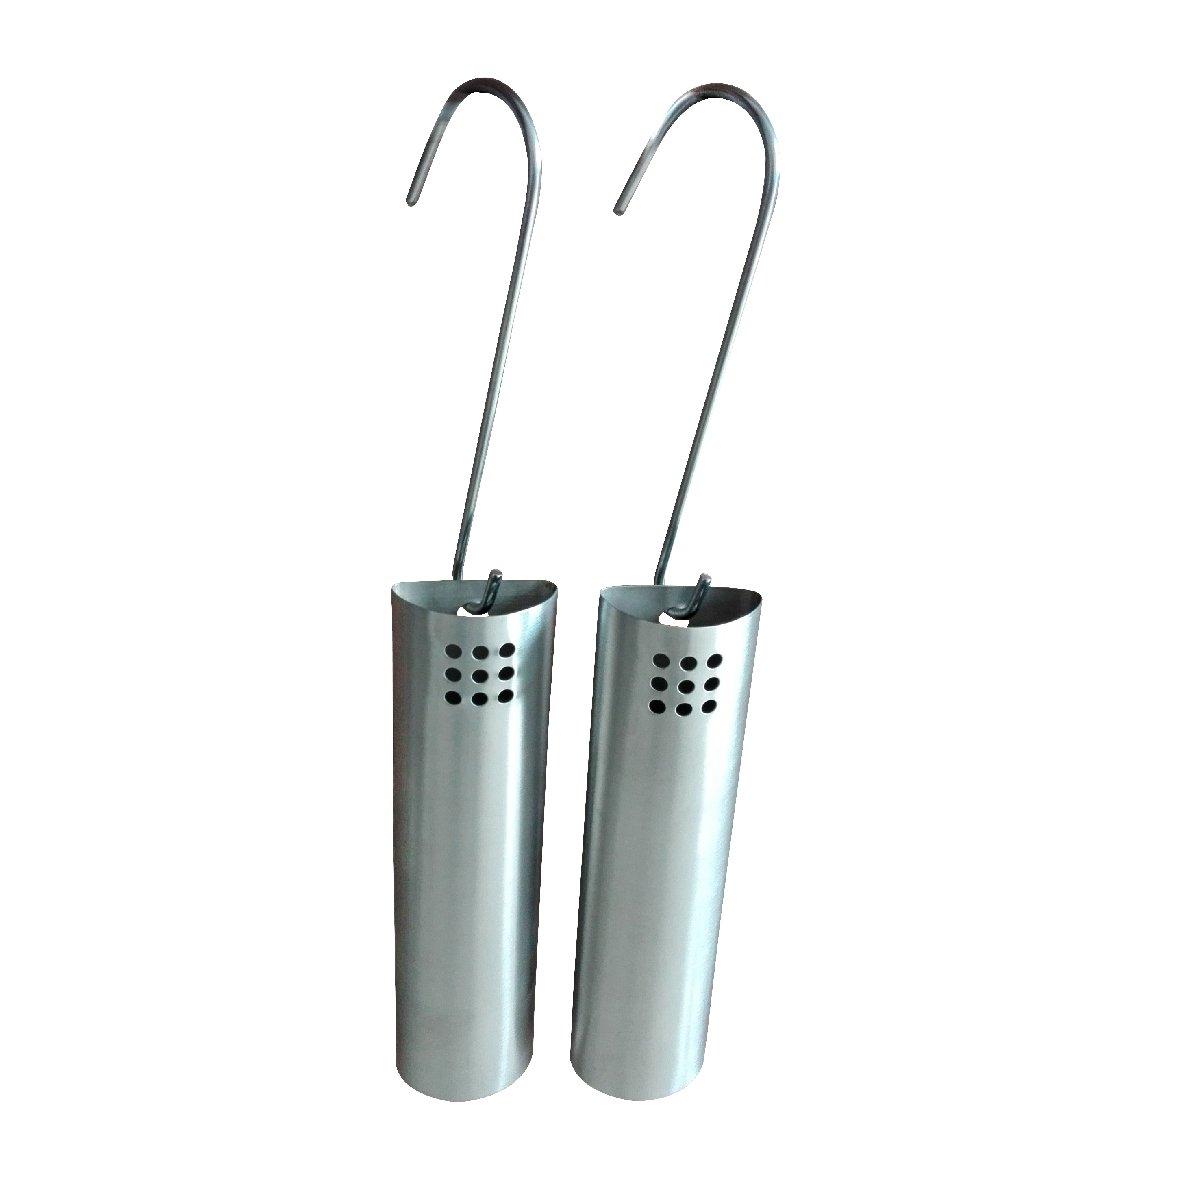 格安新品  2つの掛かるラジエーターの加湿器 20、2つの掛かるホック、乾燥した空気水湿気制御を含む、ラジエーターのためのブラシをかけられたステンレス鋼水蒸発器のKamino-Flamセット、およそ。 5 x x 2.8 2.8 x 20 cm、シルバー B01NAWP84K, 海心:7f067245 --- arianechie.dominiotemporario.com